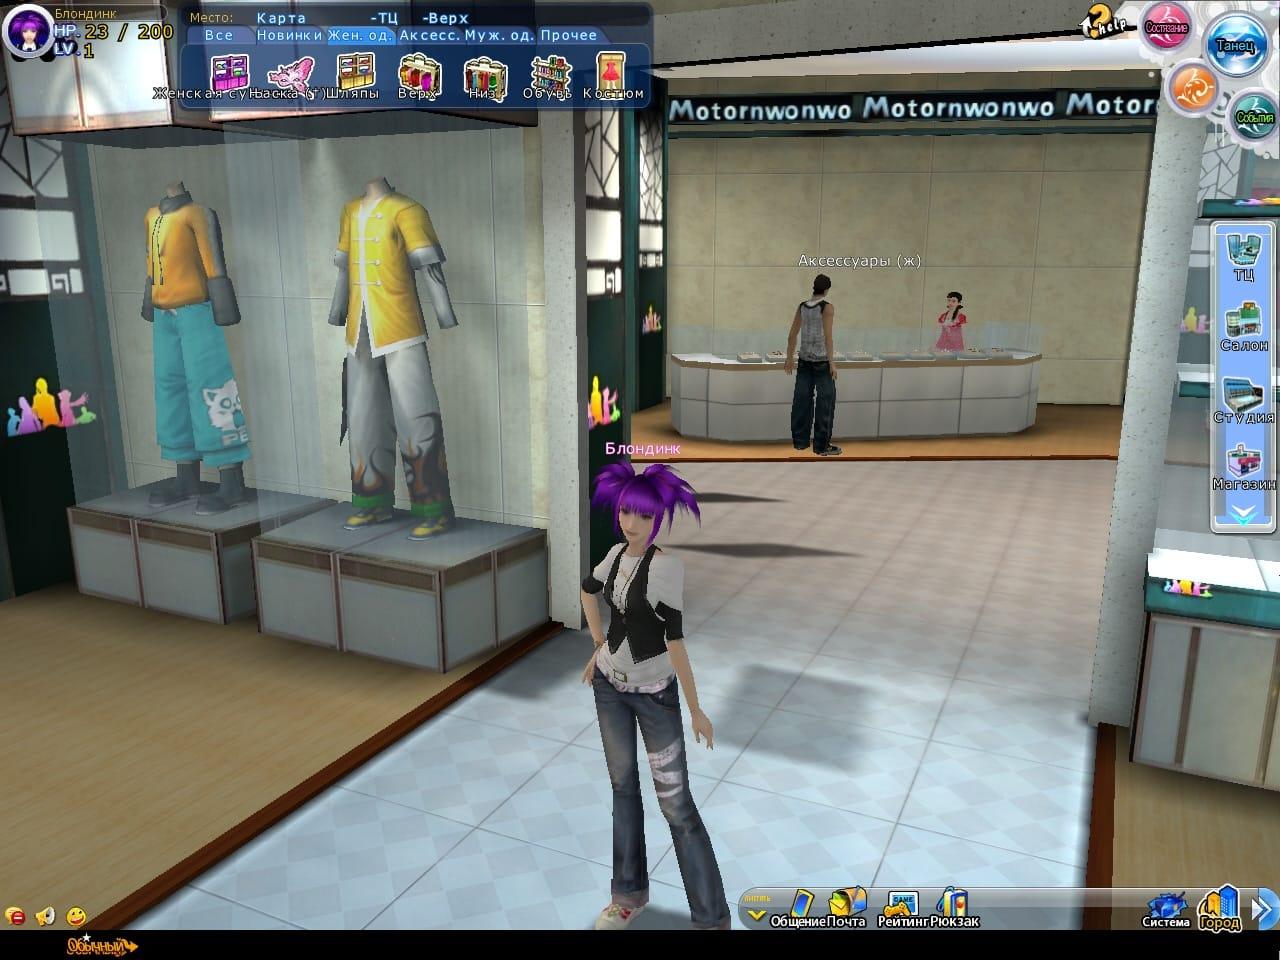 Скачать игрухи компьютерные стрельба онлайнi online ролевая игра sims